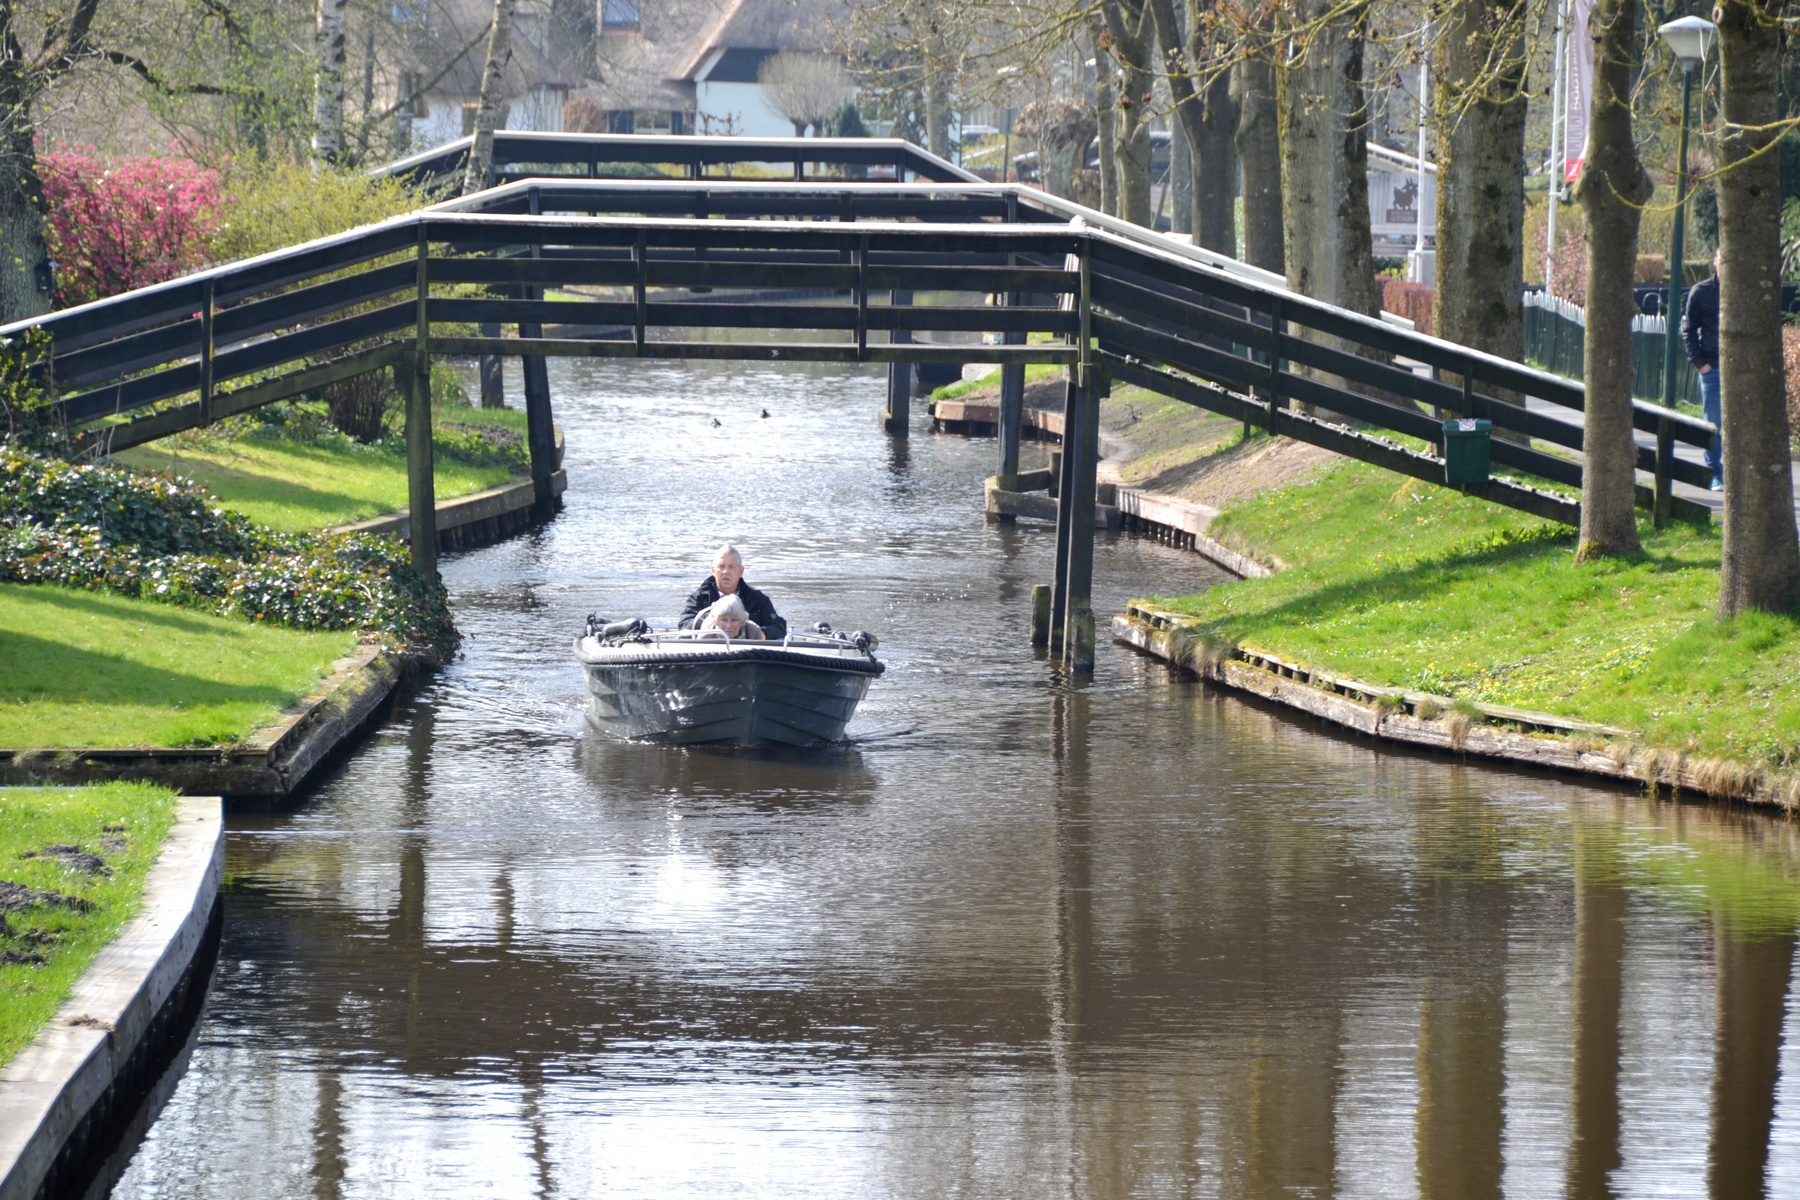 Varen in Giethoorn Overijssel - Eetcafe Giethoorn Burgers & Grill